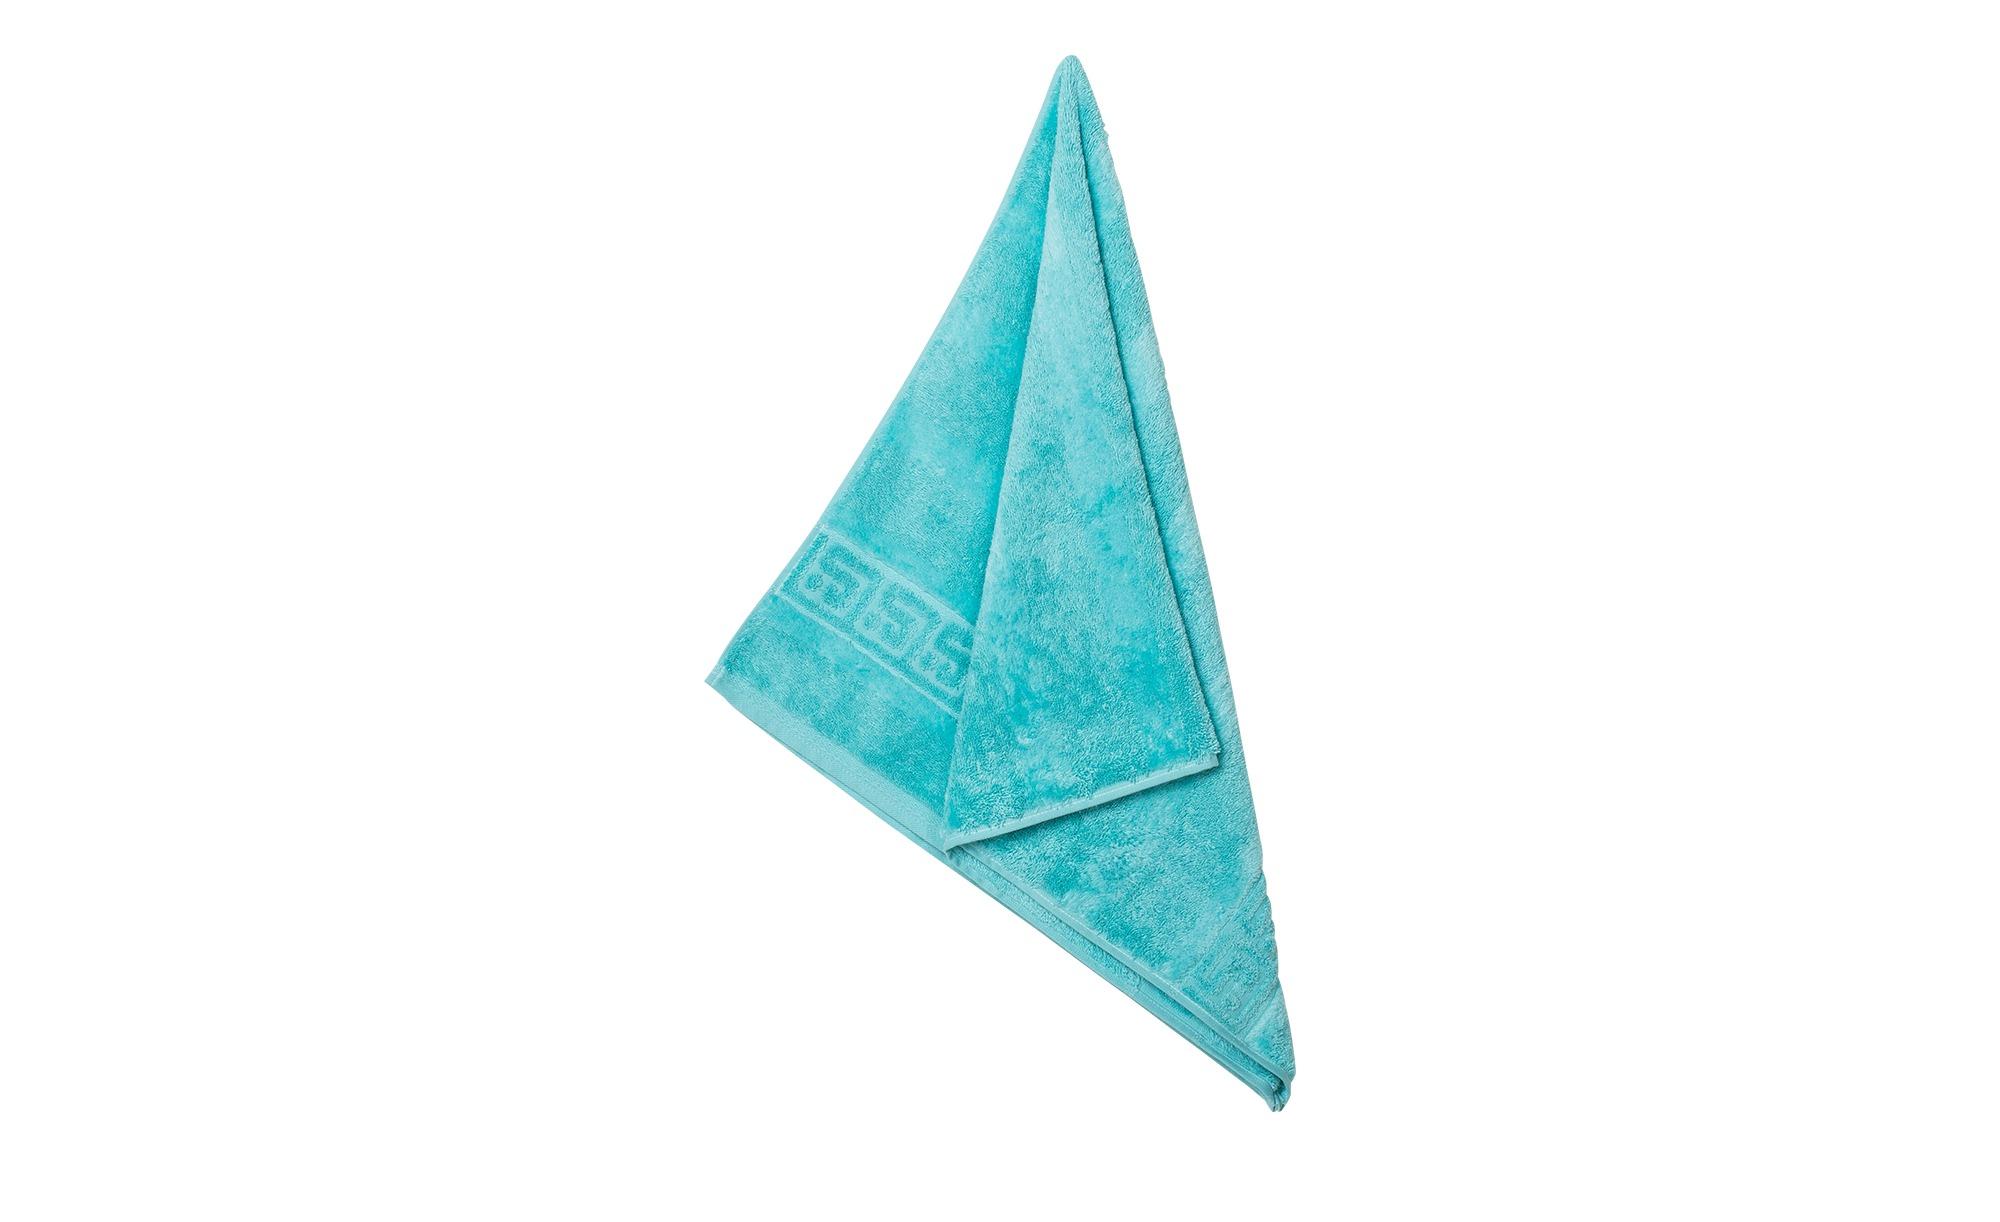 CaWö Handtuch  1001 ¦ blau ¦ 100% Baumwolle ¦ Maße (cm): B: 50 Badtextilien und Zubehör > Handtücher & Badetücher > Handtücher - Höffner